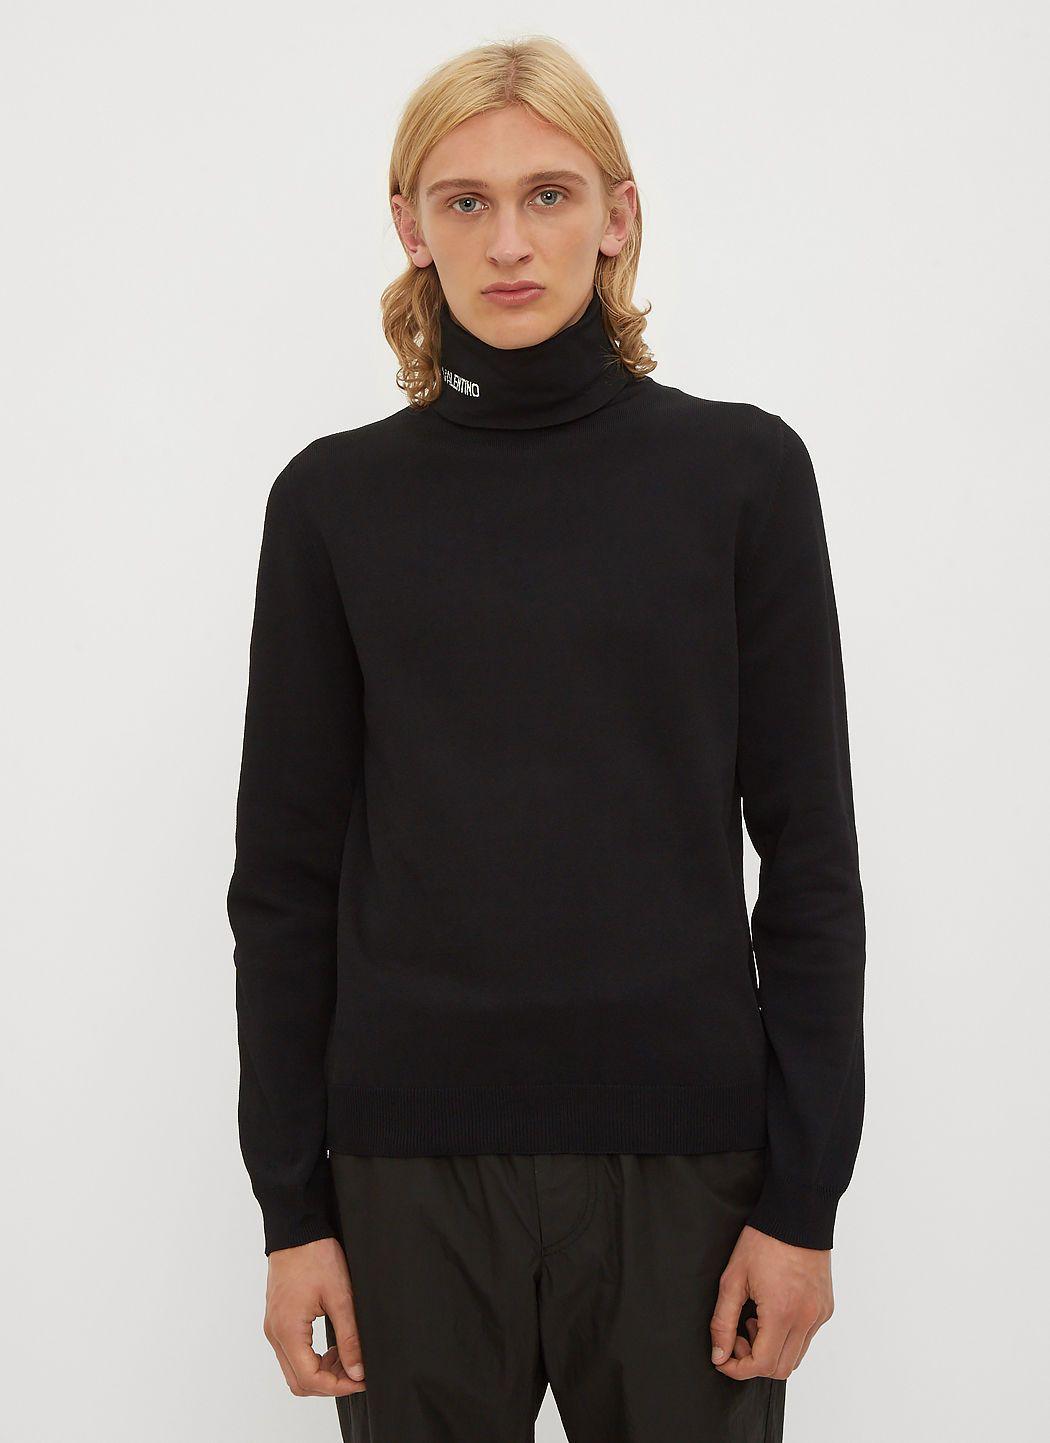 b3bddf5c0a6e99 VALENTINO Logo Intarsia Turtleneck Knit Top in Black. #valentino #cloth #